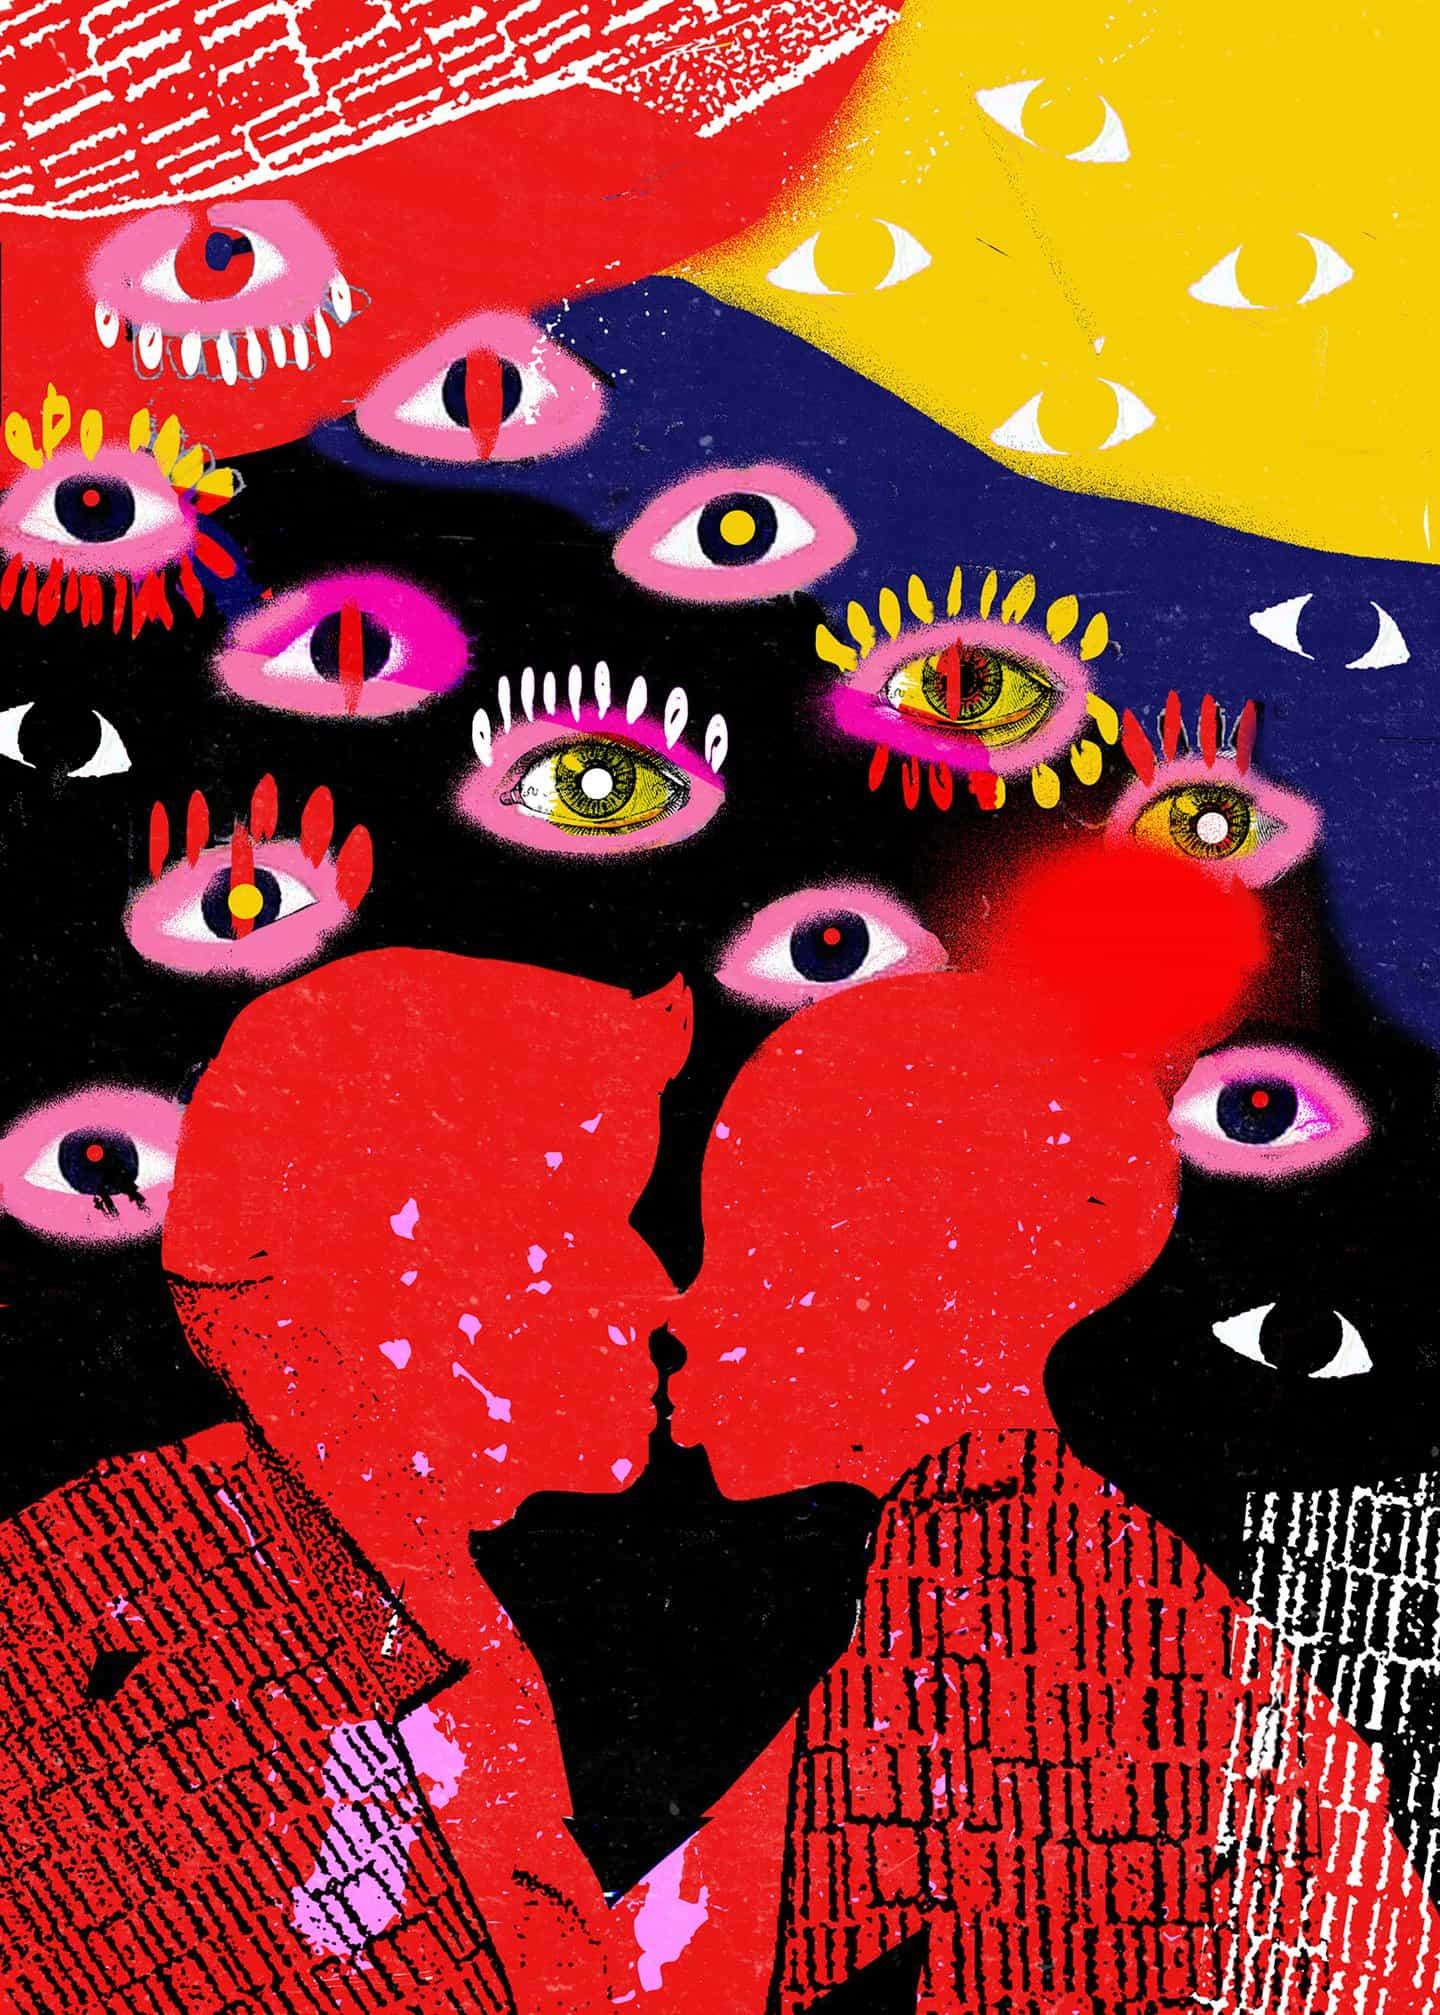 Ngadi Smart: Valerie Ntinu sobre su relación interratial, Por qué entiendo que los negros desaprueban a mi pareja blanca, para oneworld magazine (Copyright © Ngadi Smart, 2021)